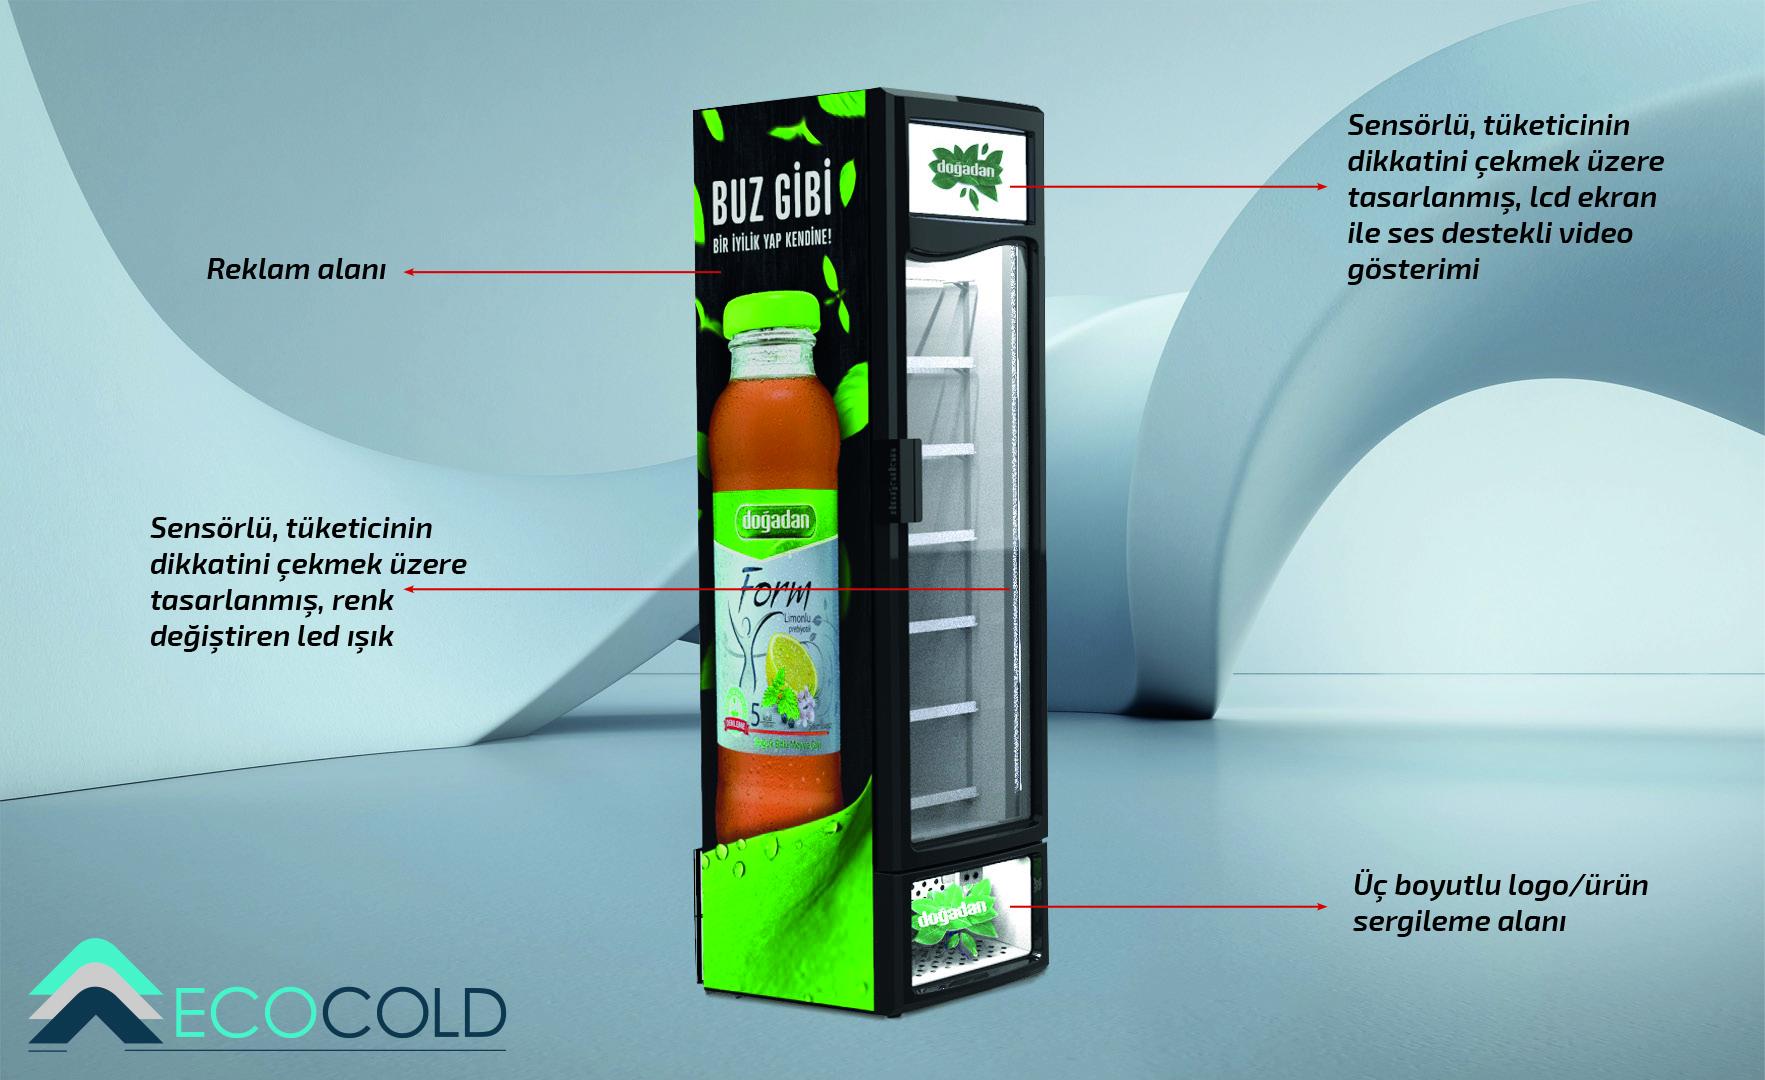 Ecocold farklılaştırılmış müşteri deneyimi oluşturuyor